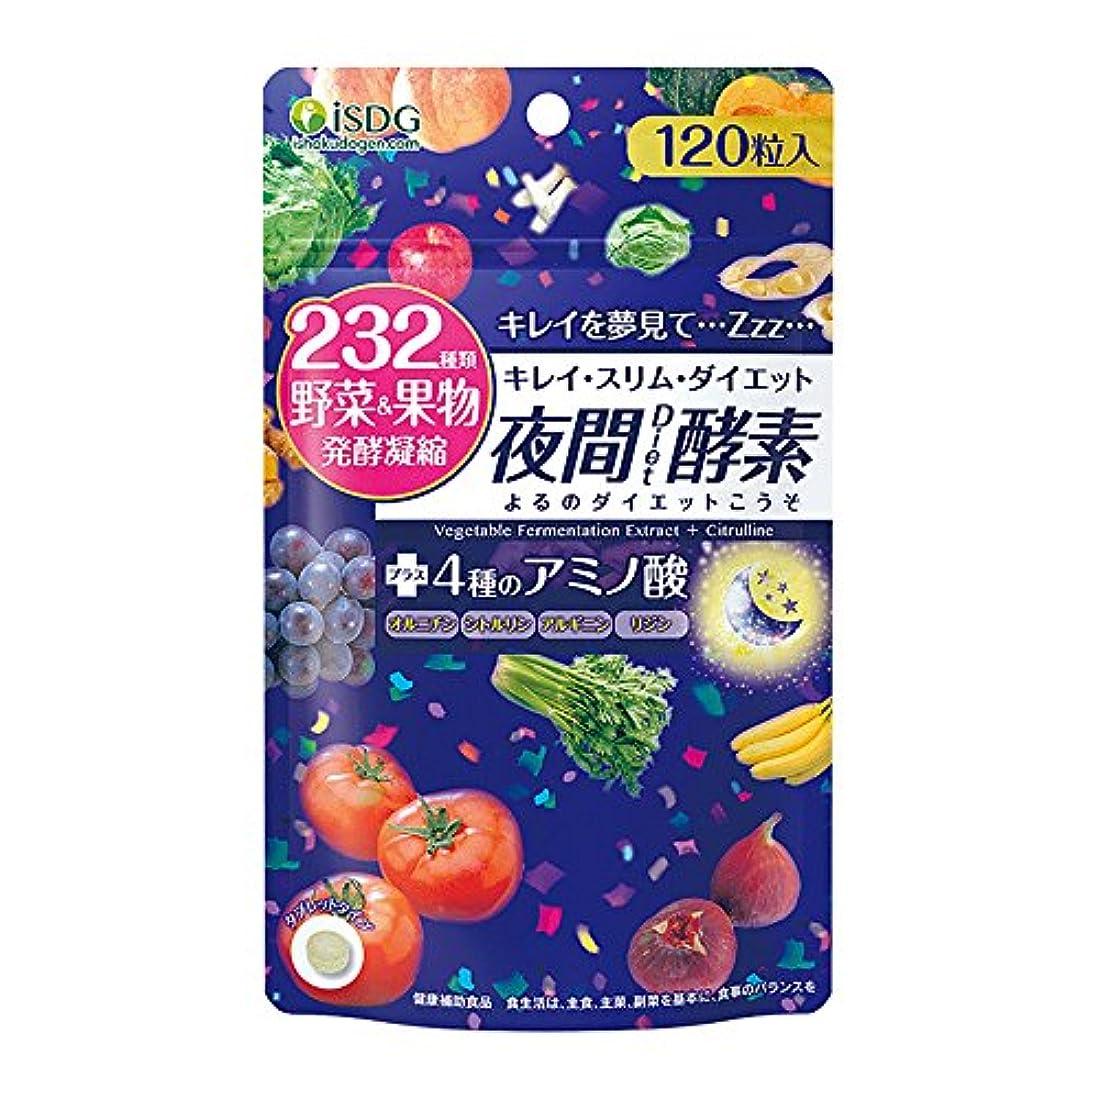 神秘メルボルン袋ISDG 夜間diet酵素 232種類野菜&果物発酵凝縮。120粒/袋